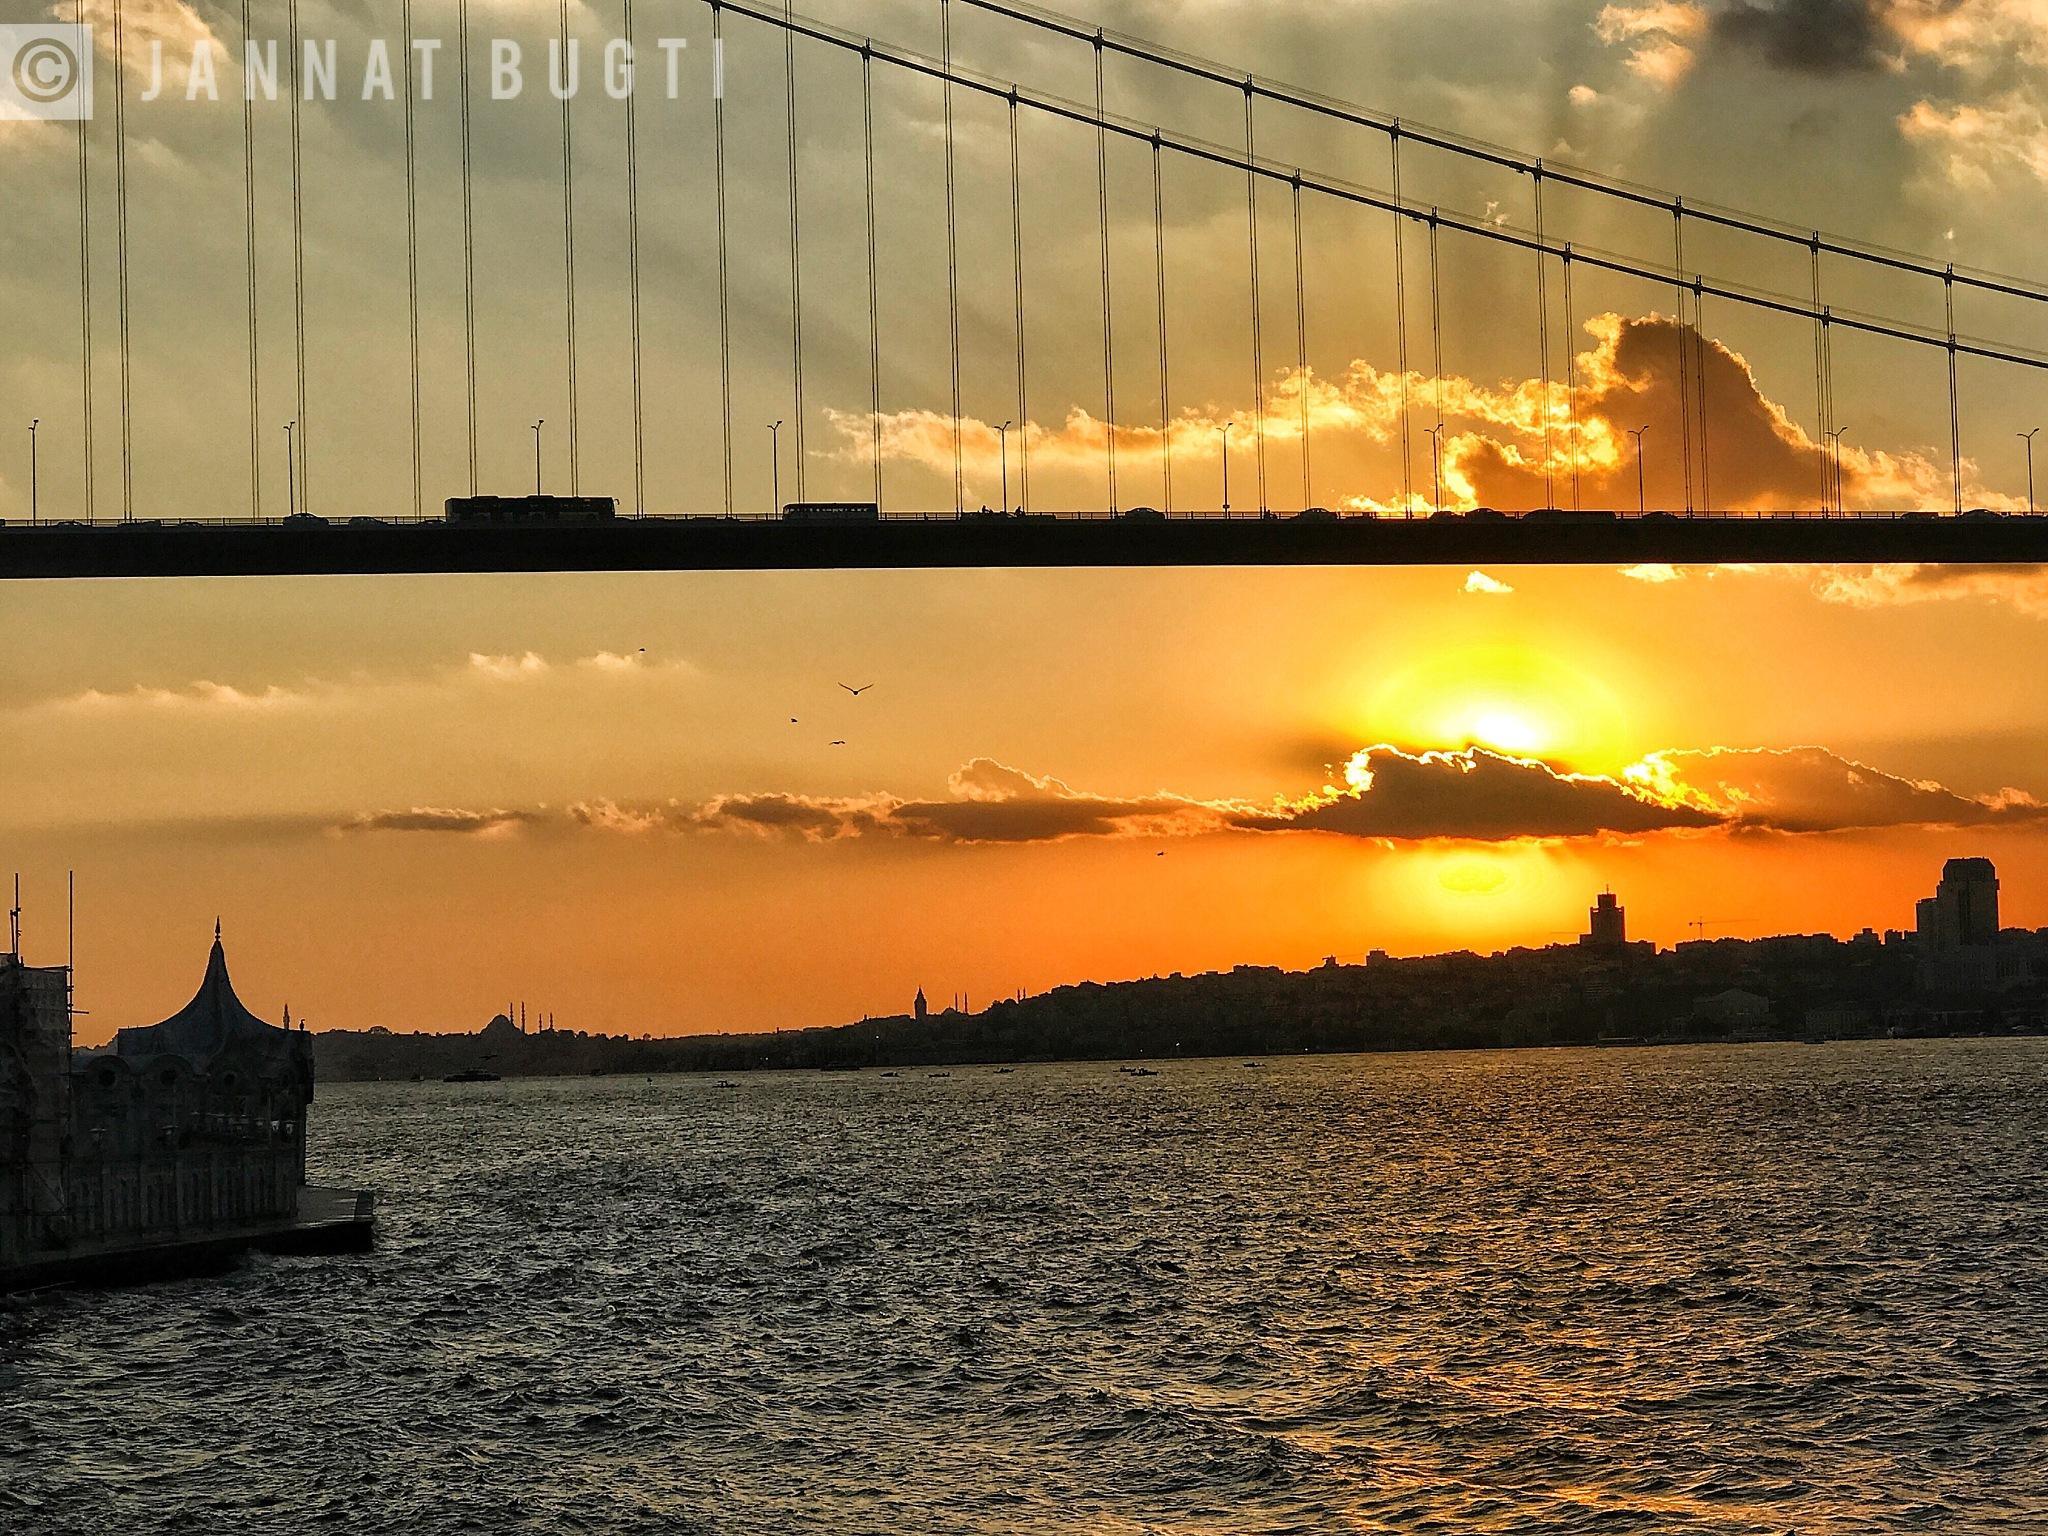 Bosphorous cruise by Jannat Bugti